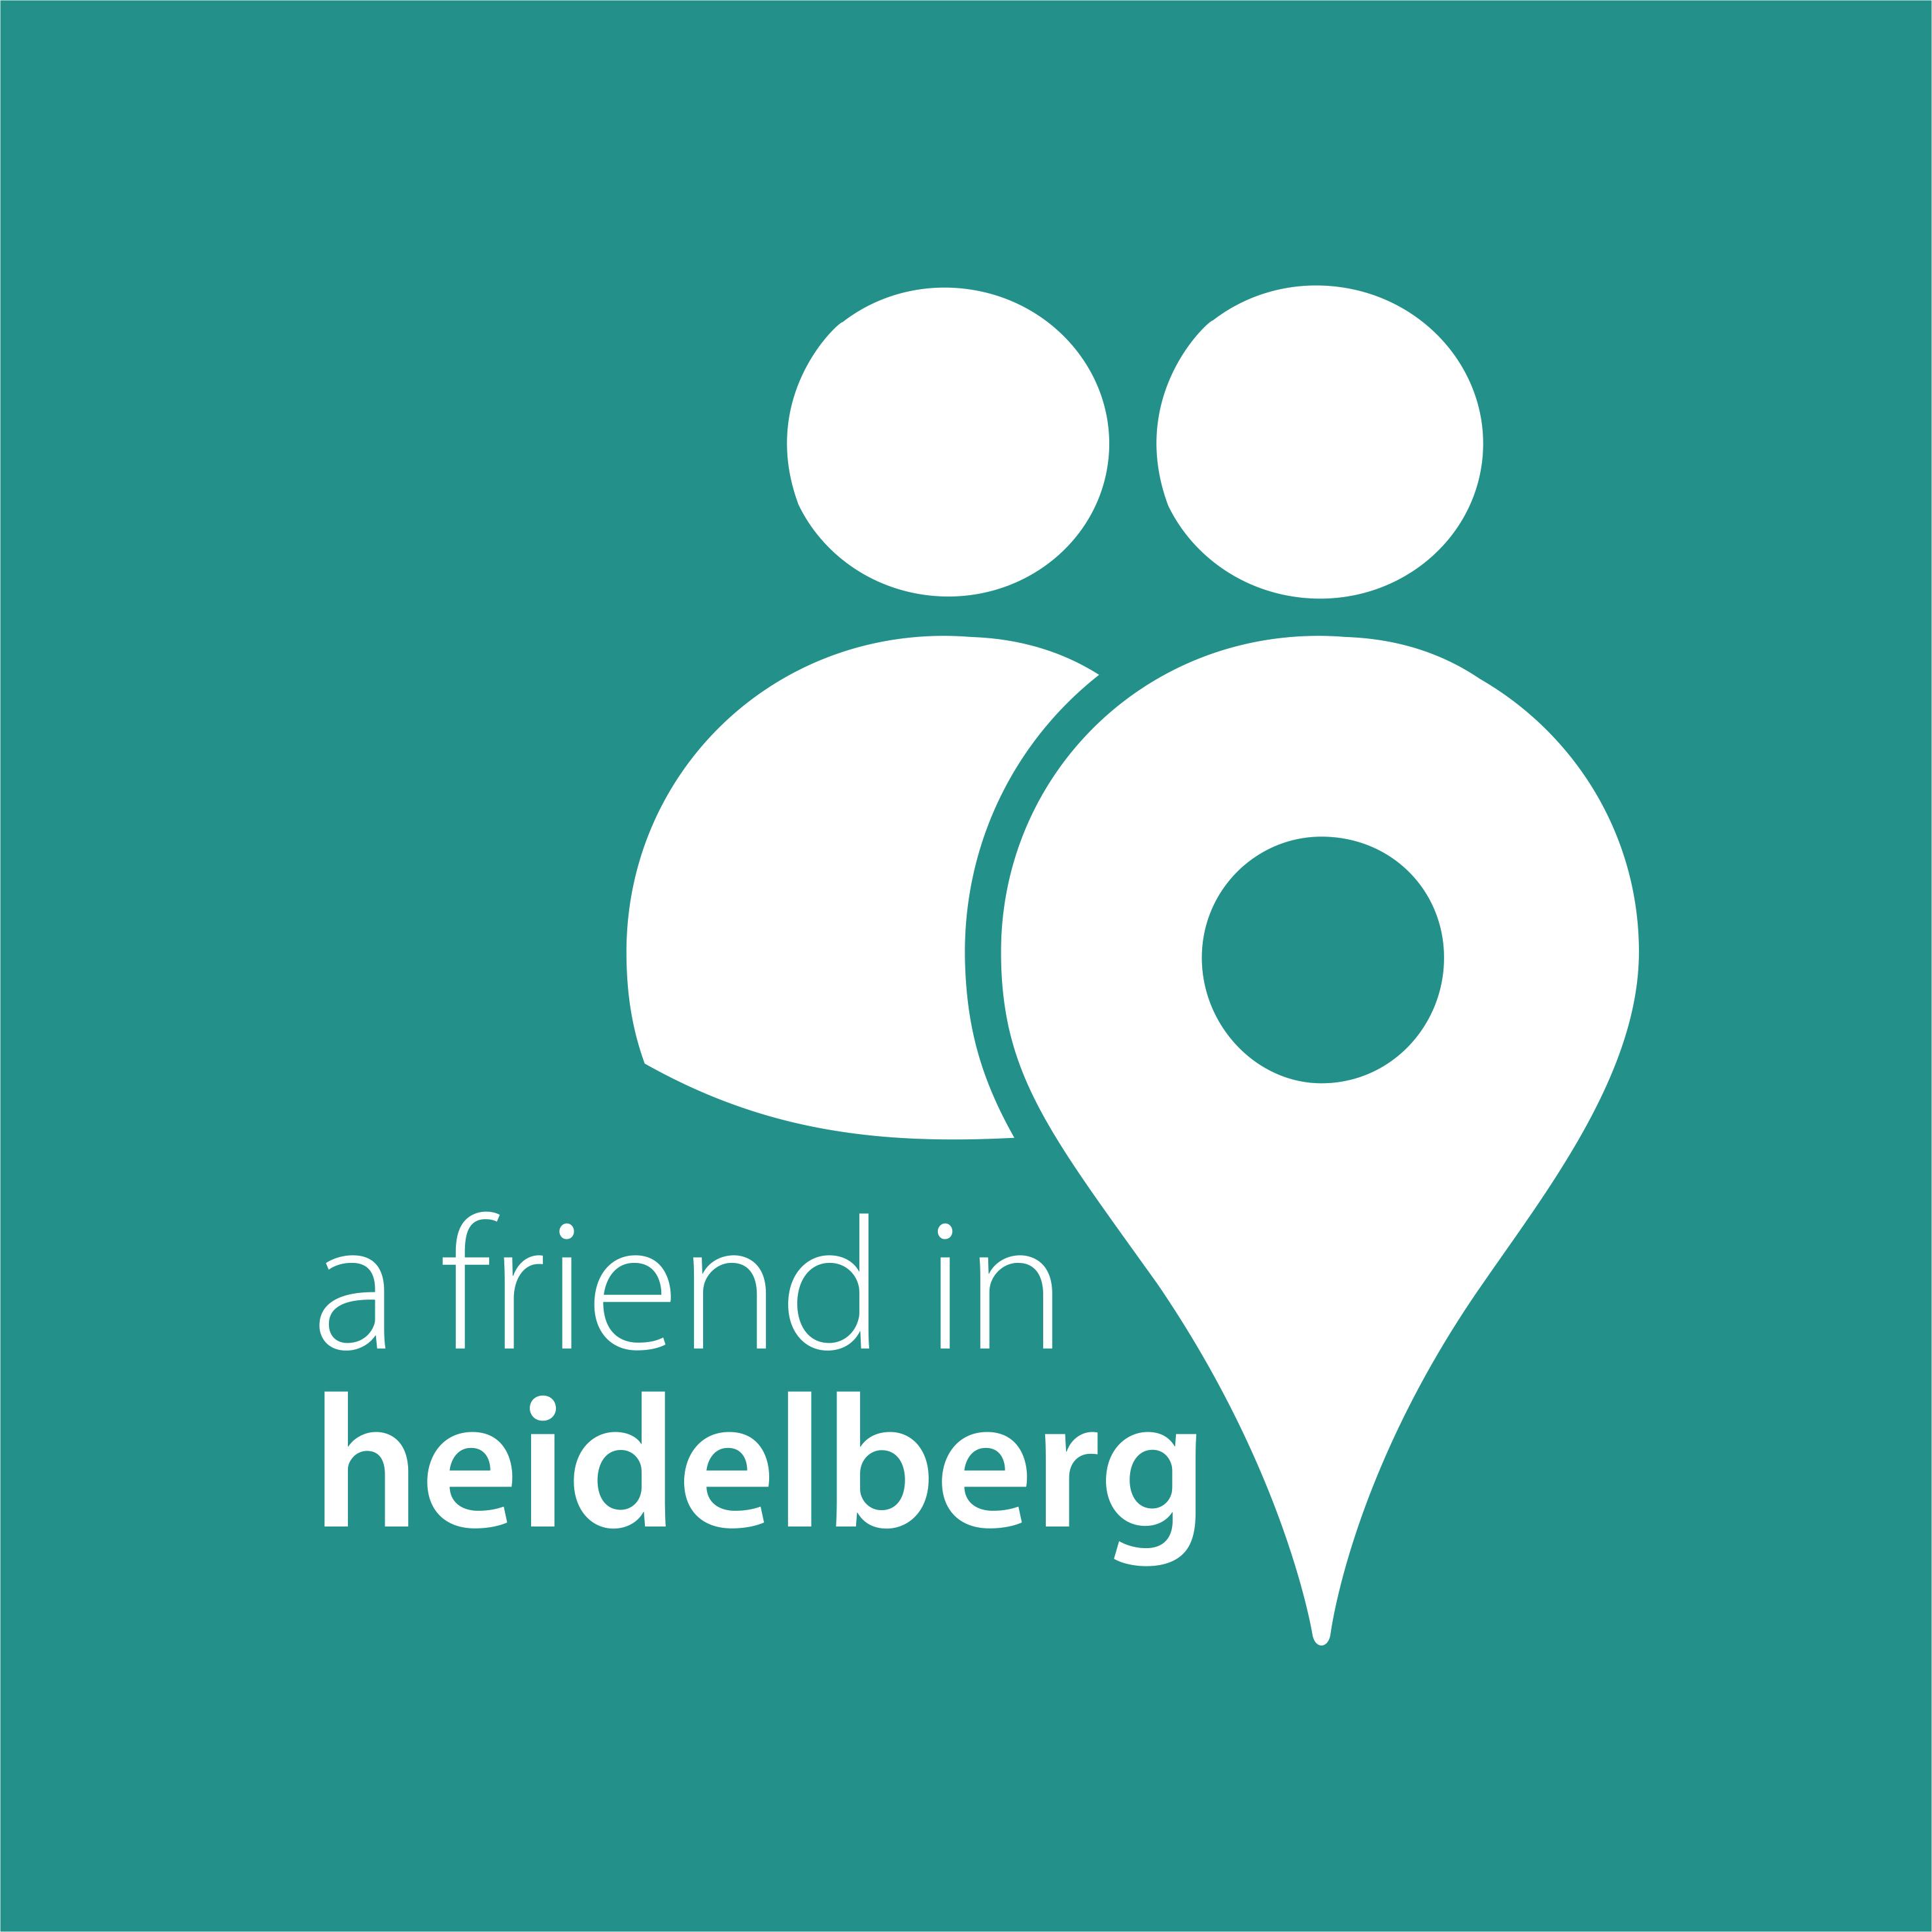 A Friend in Heidelberg